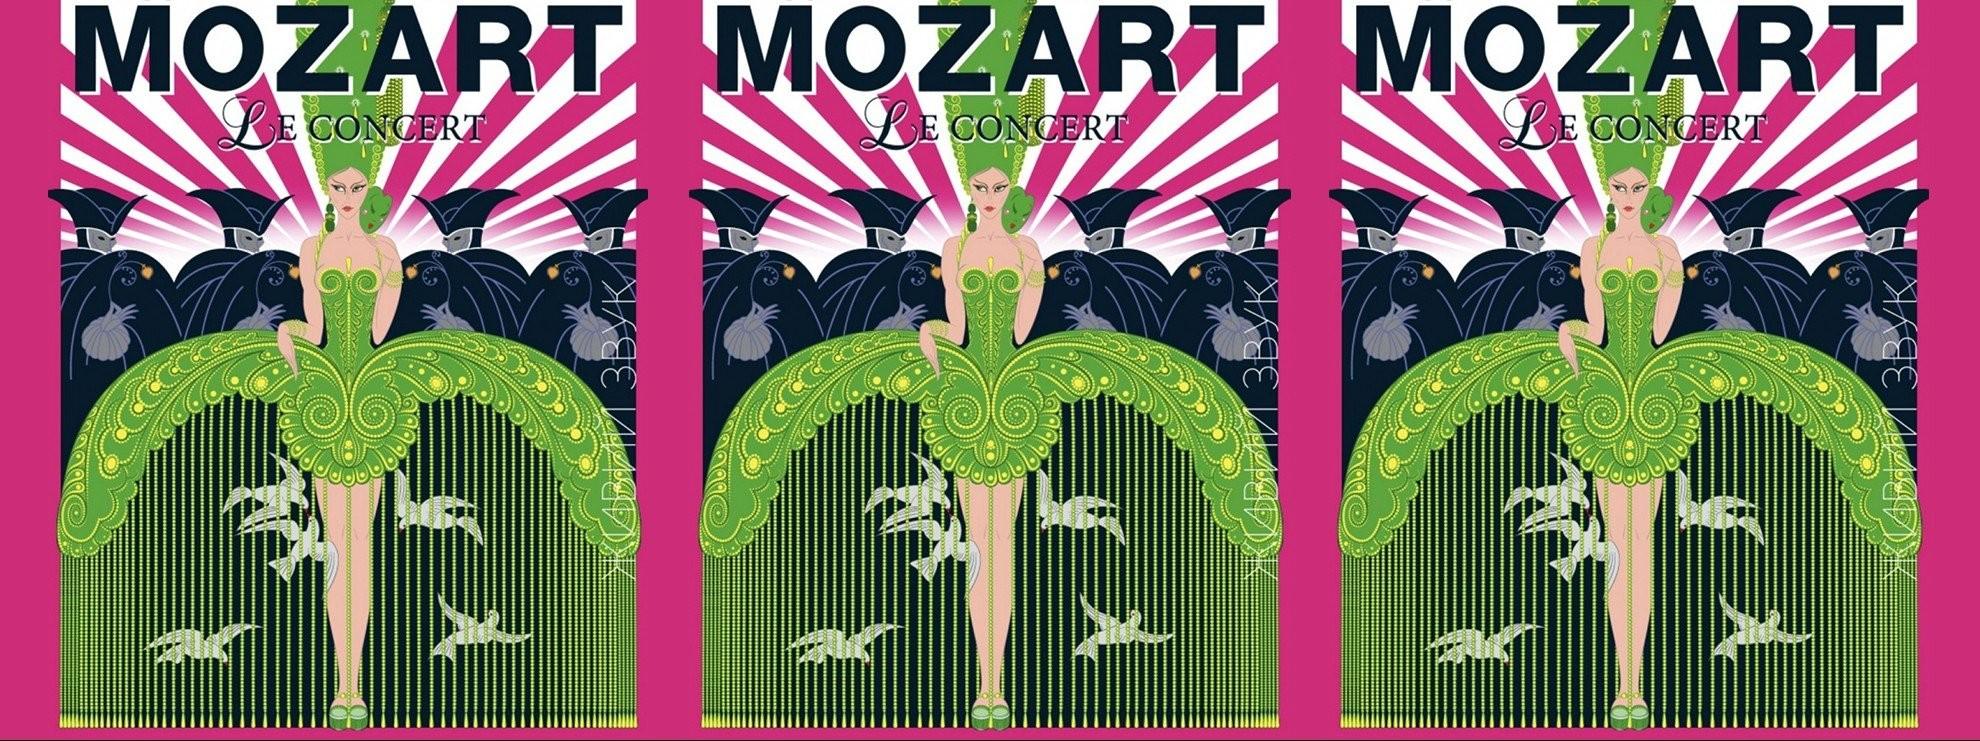 событие Rock Mozart Le Concert (Рок Моцарт Ле Концерт)